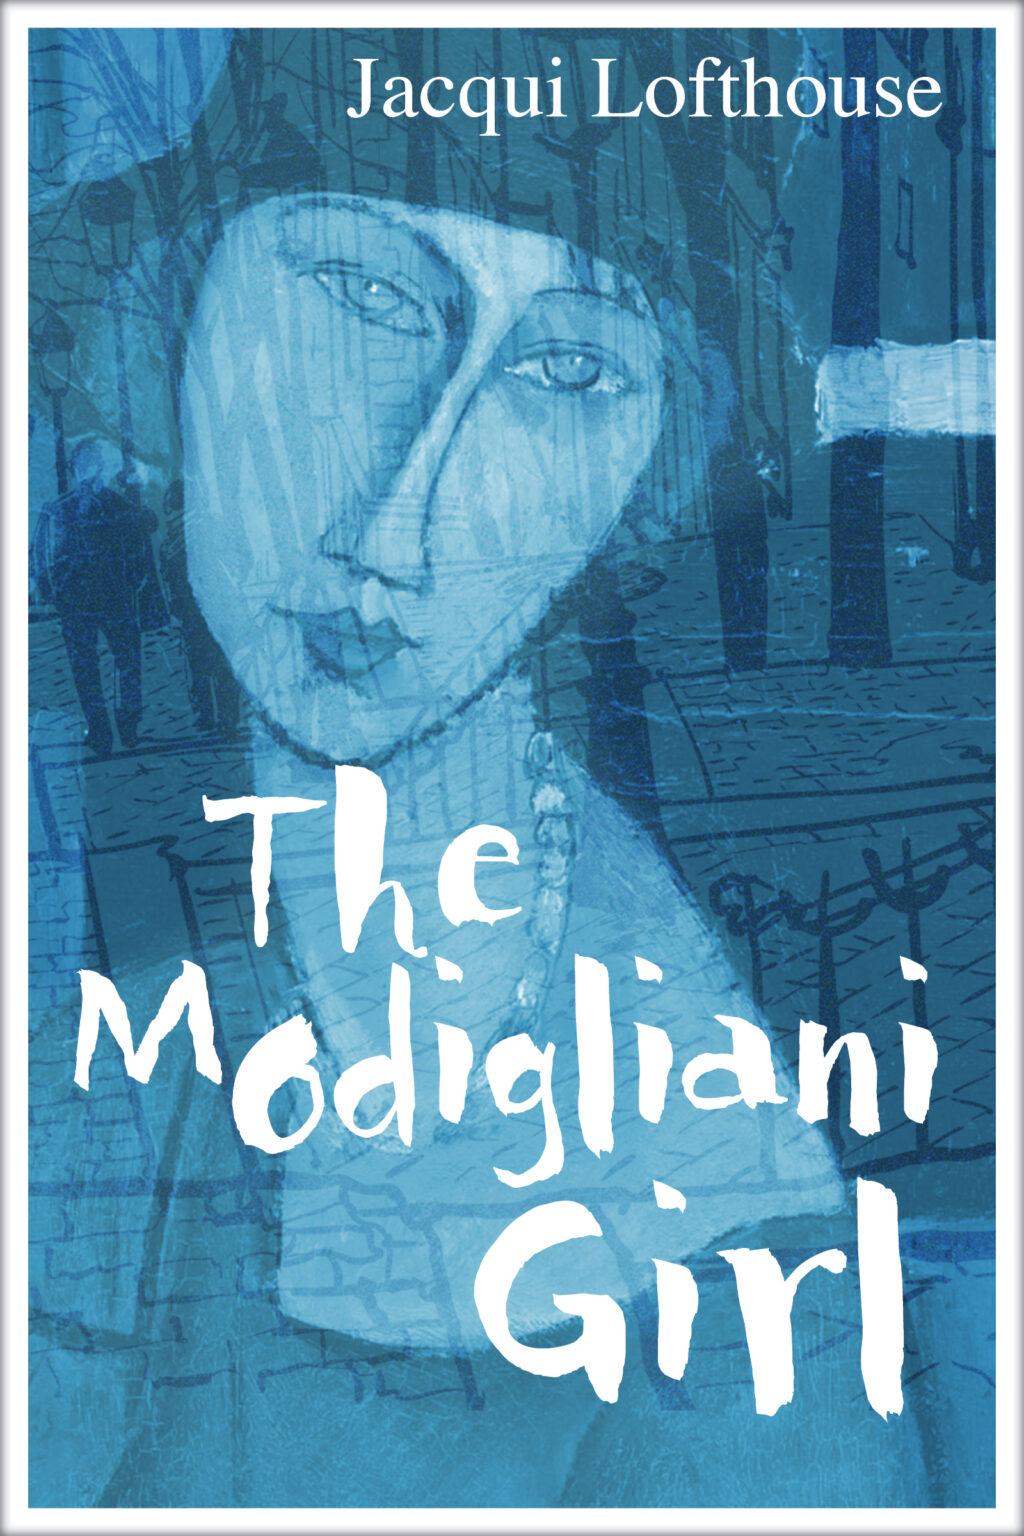 The Modigliani Girl book cover